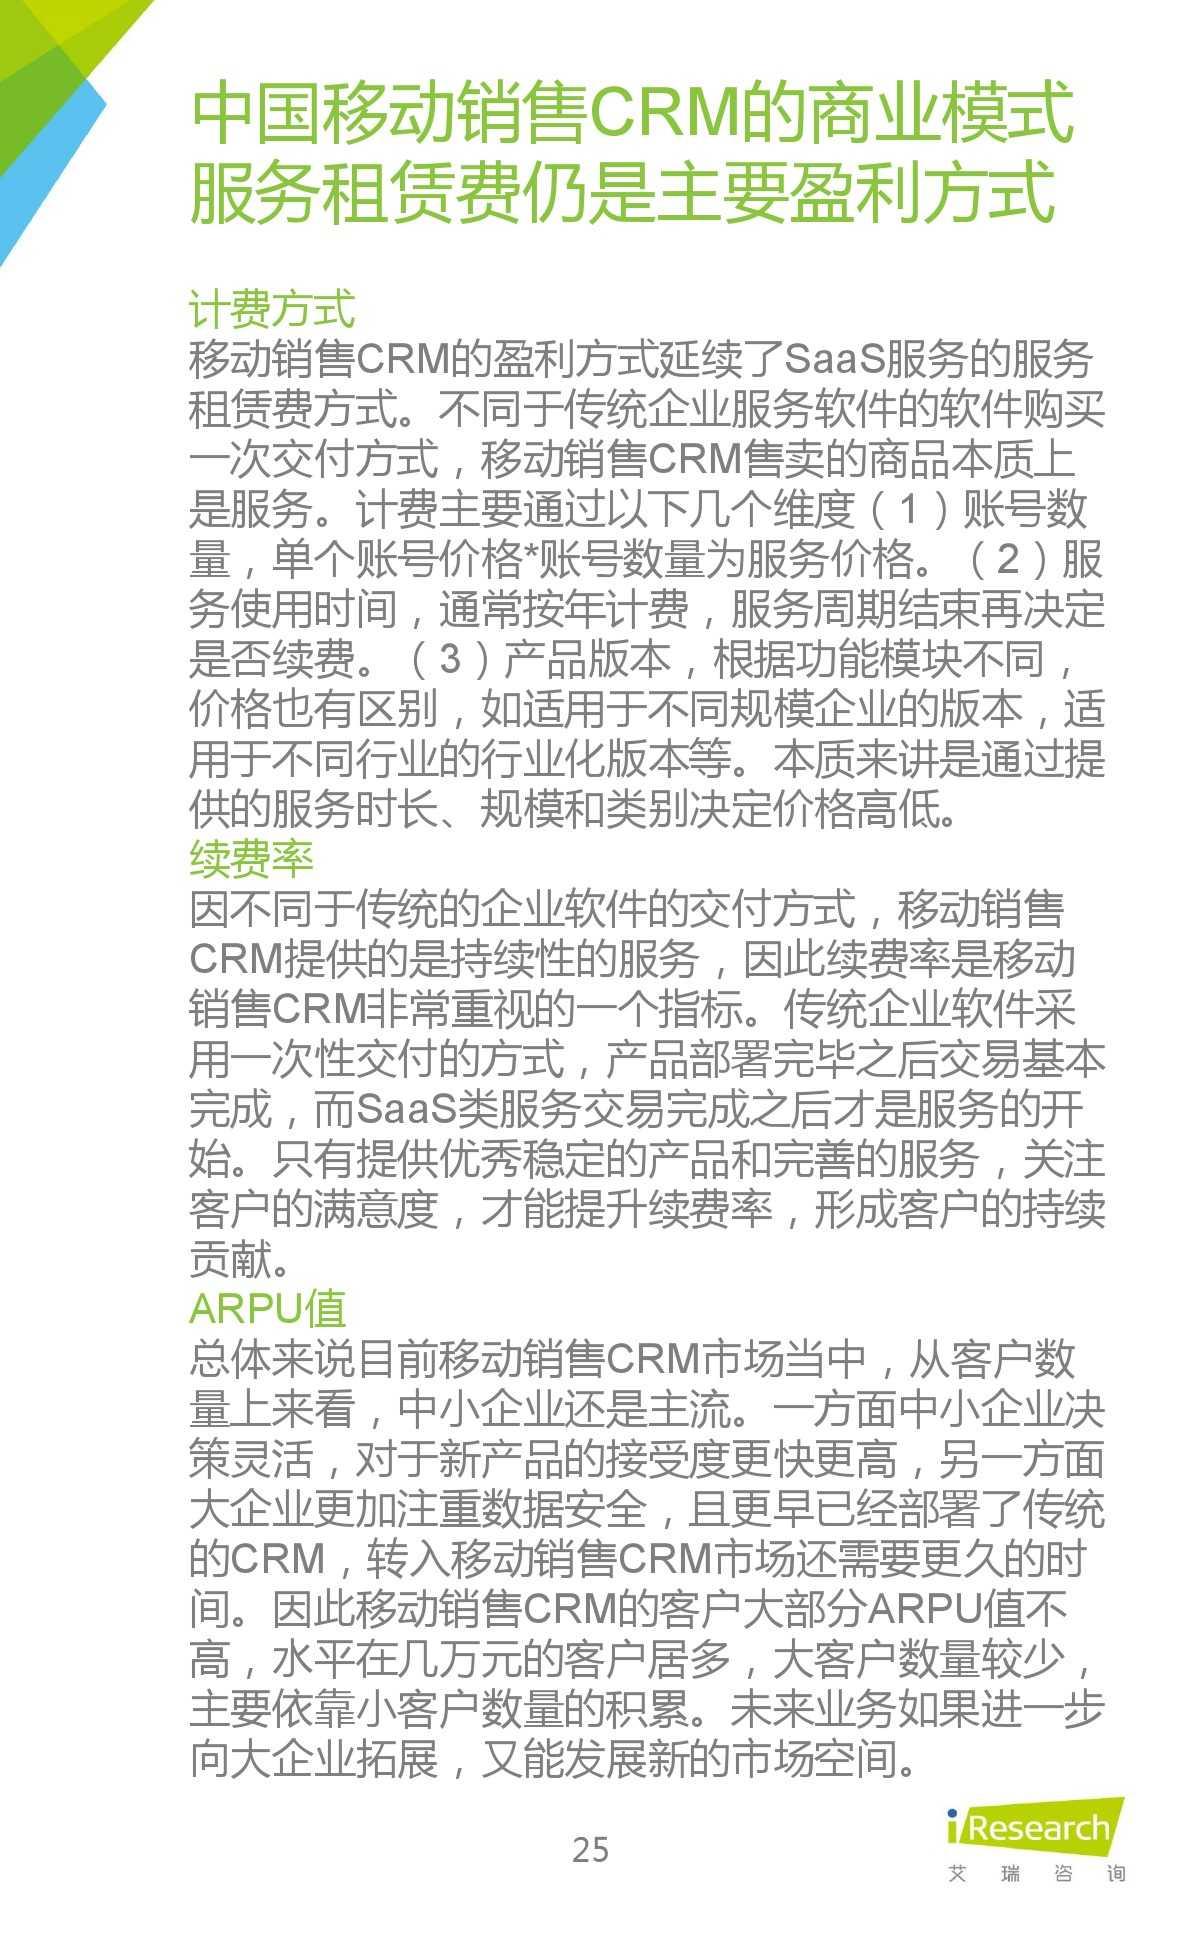 2015年中国移动销售CRM行业研究报告_000025